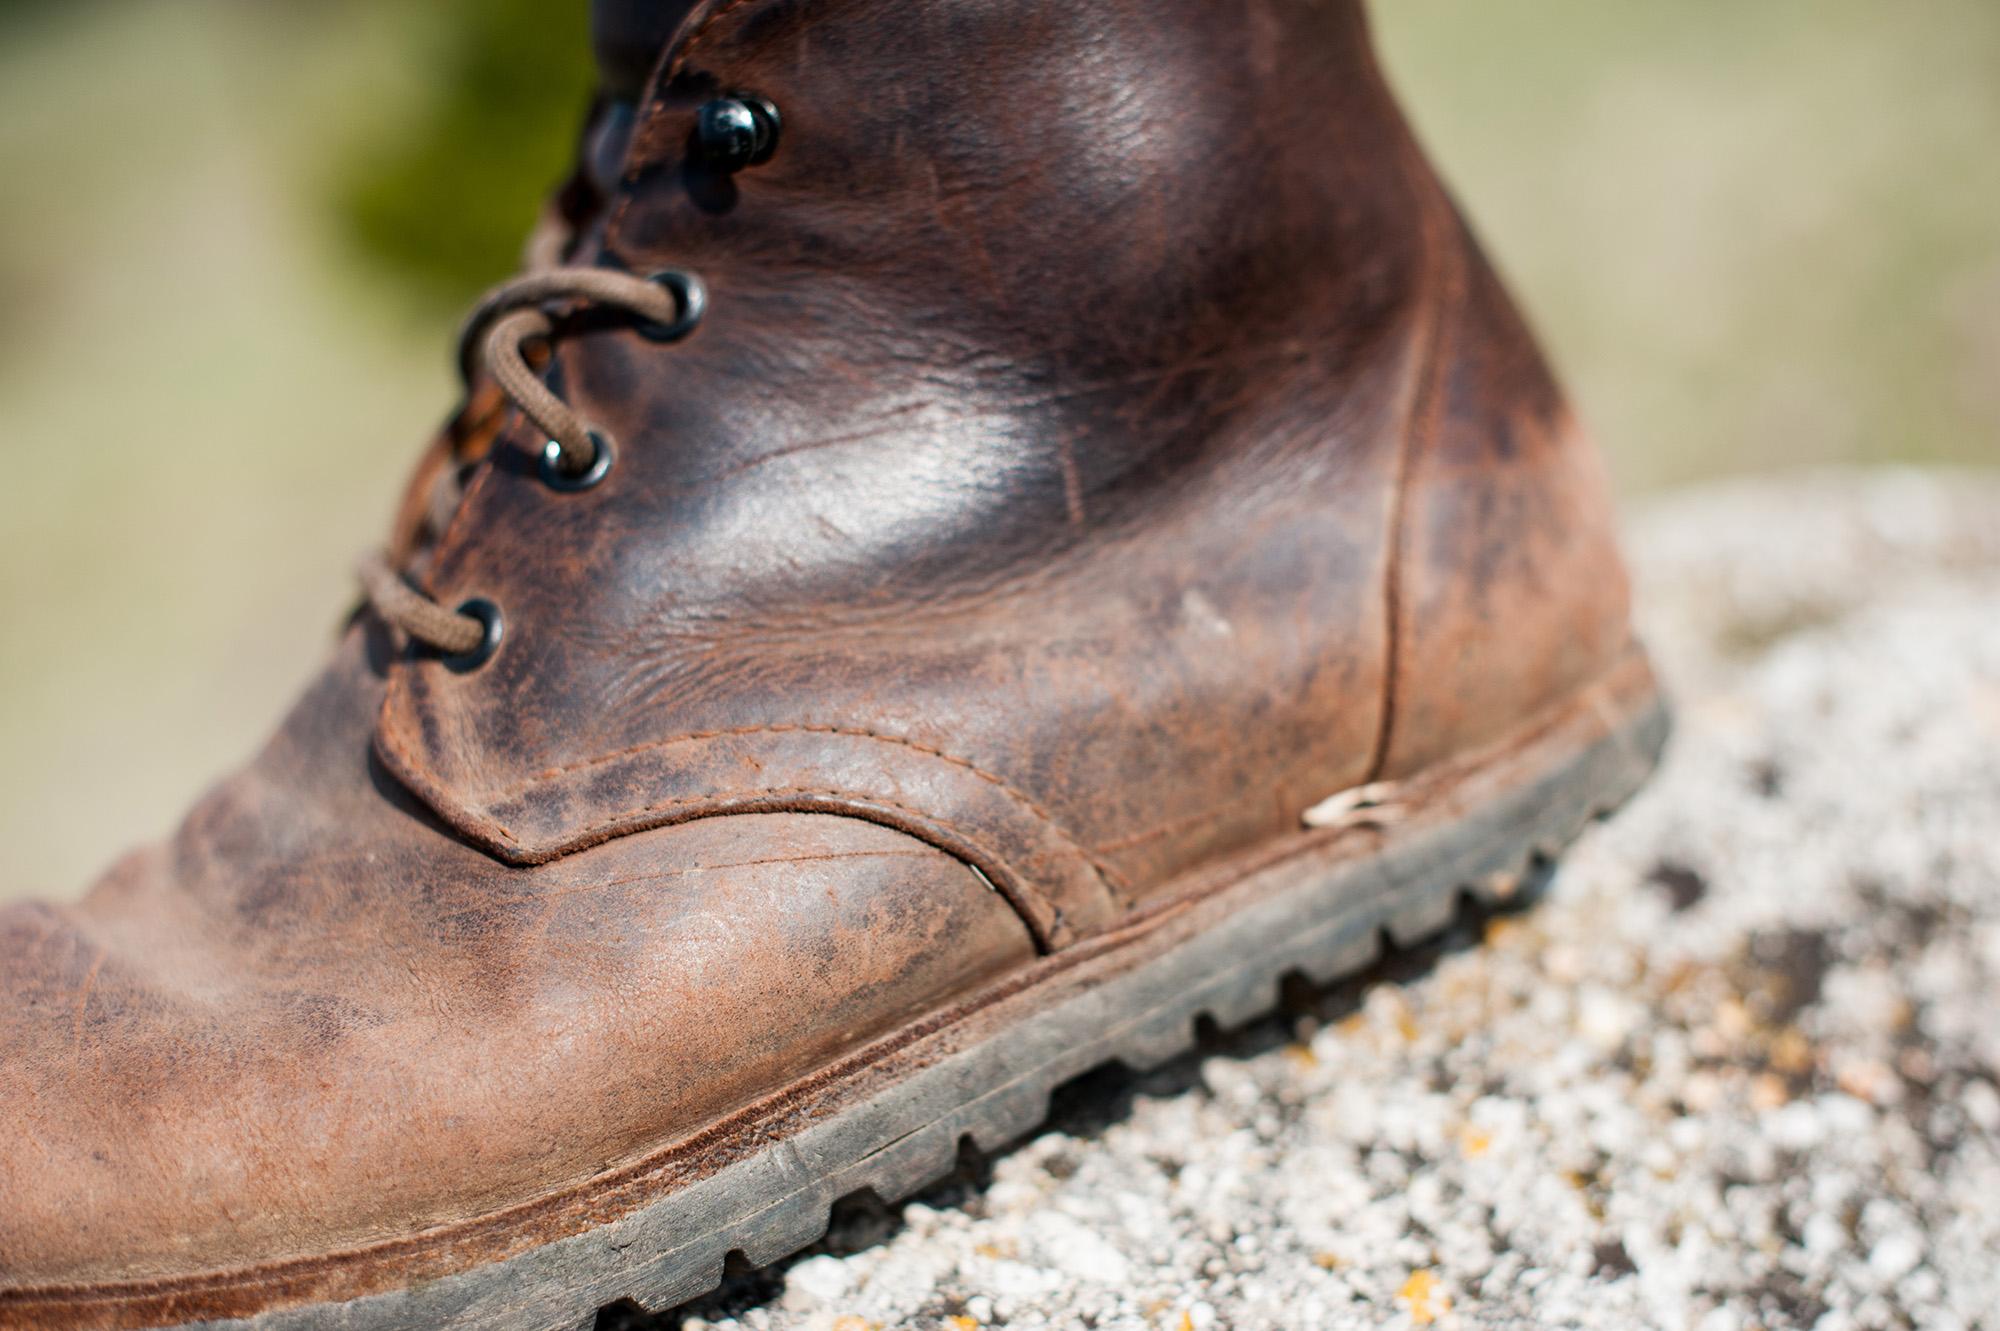 Waldviertler Schuh Tramper (Ein Loblied) – Herr M